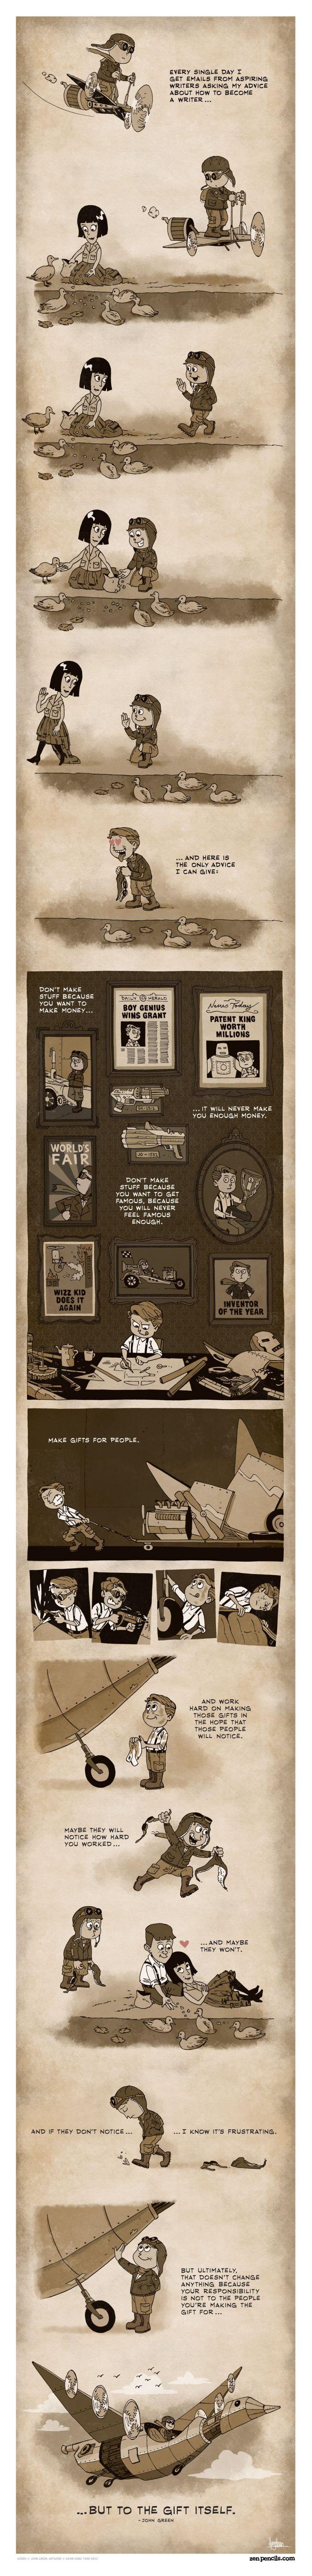 Zenpencils Comics